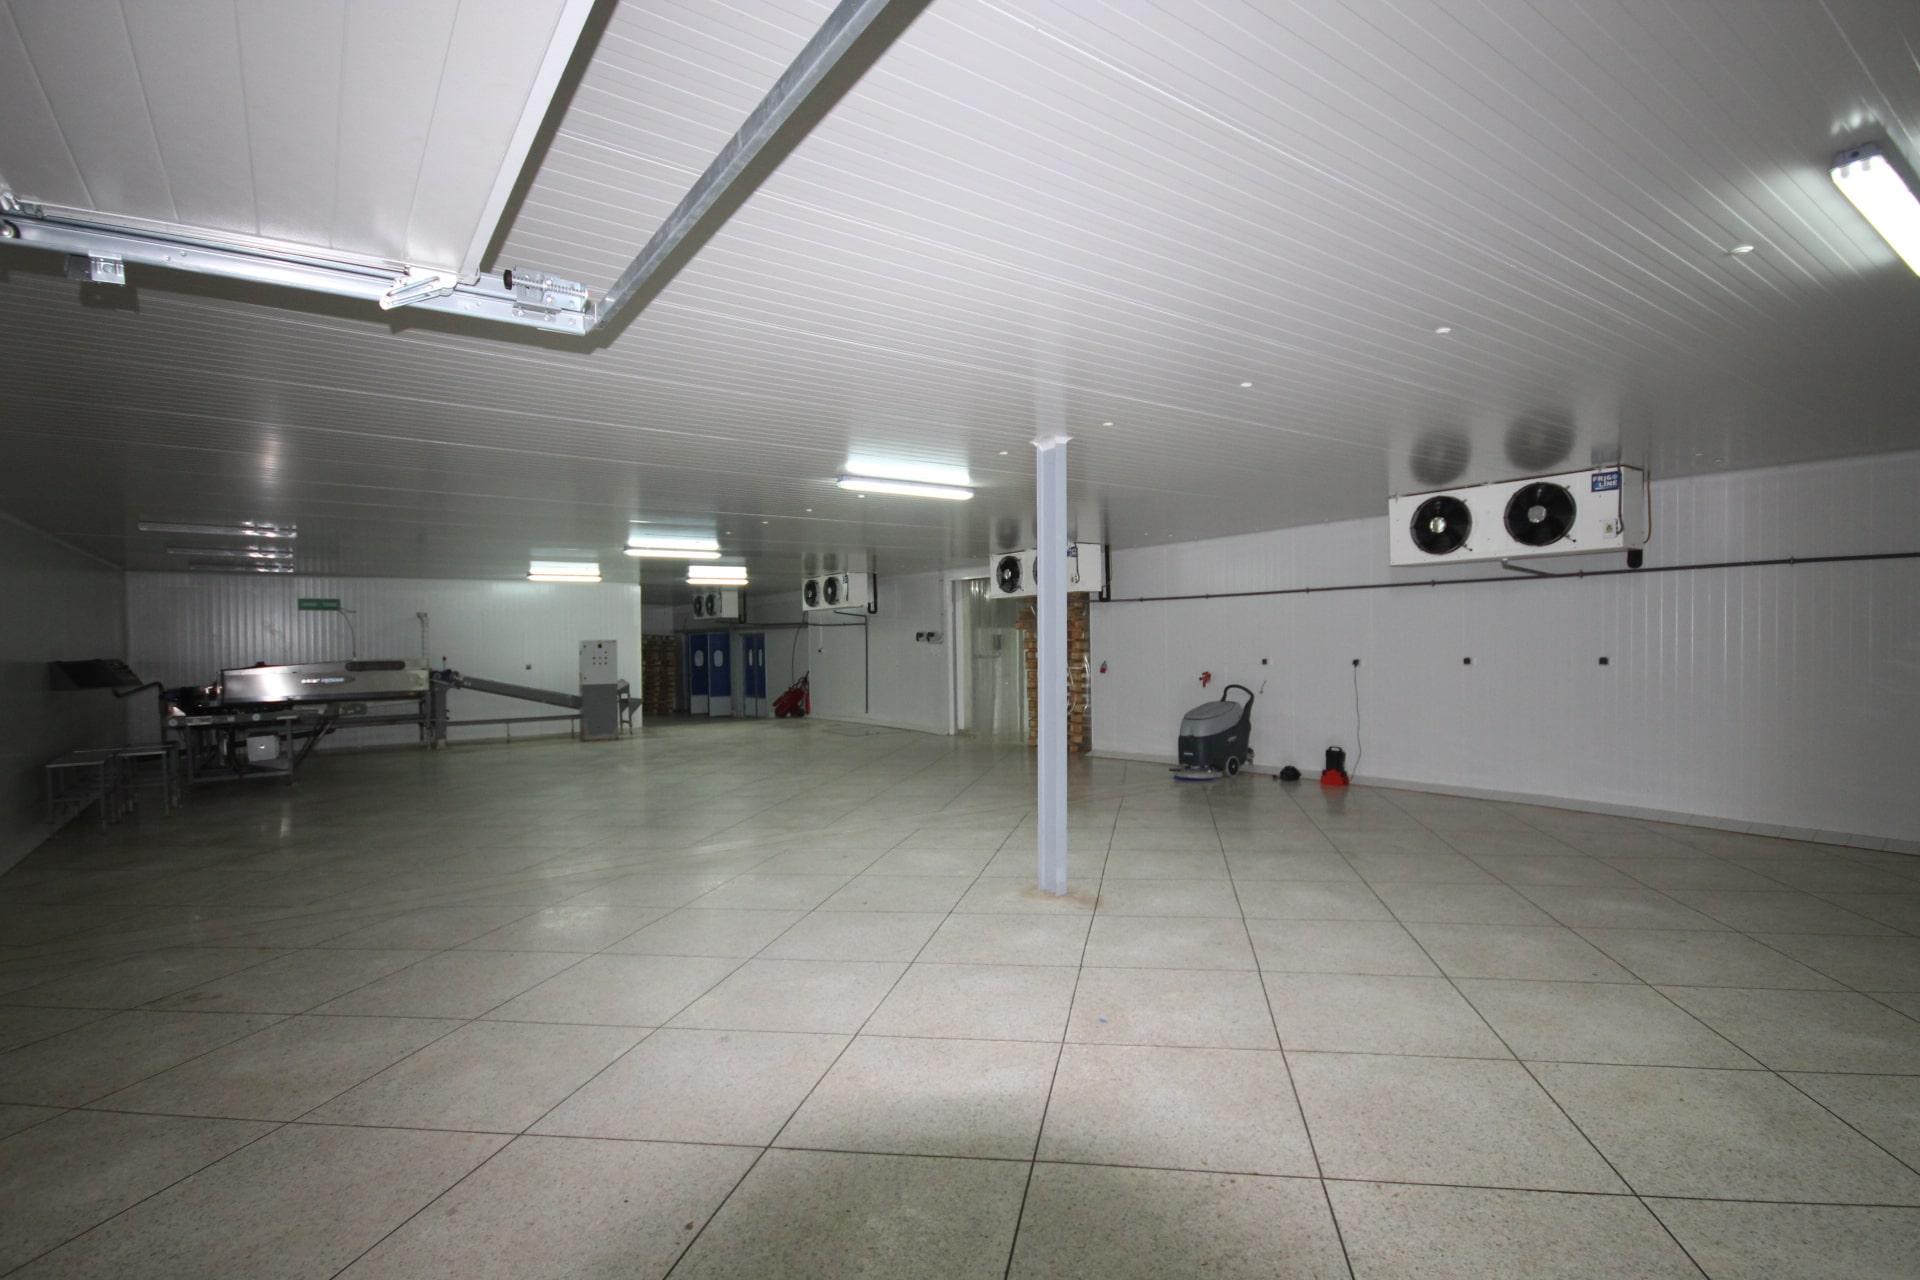 Unité industrielle moderne de stockage froid et de distribution à vendre (Location possible).